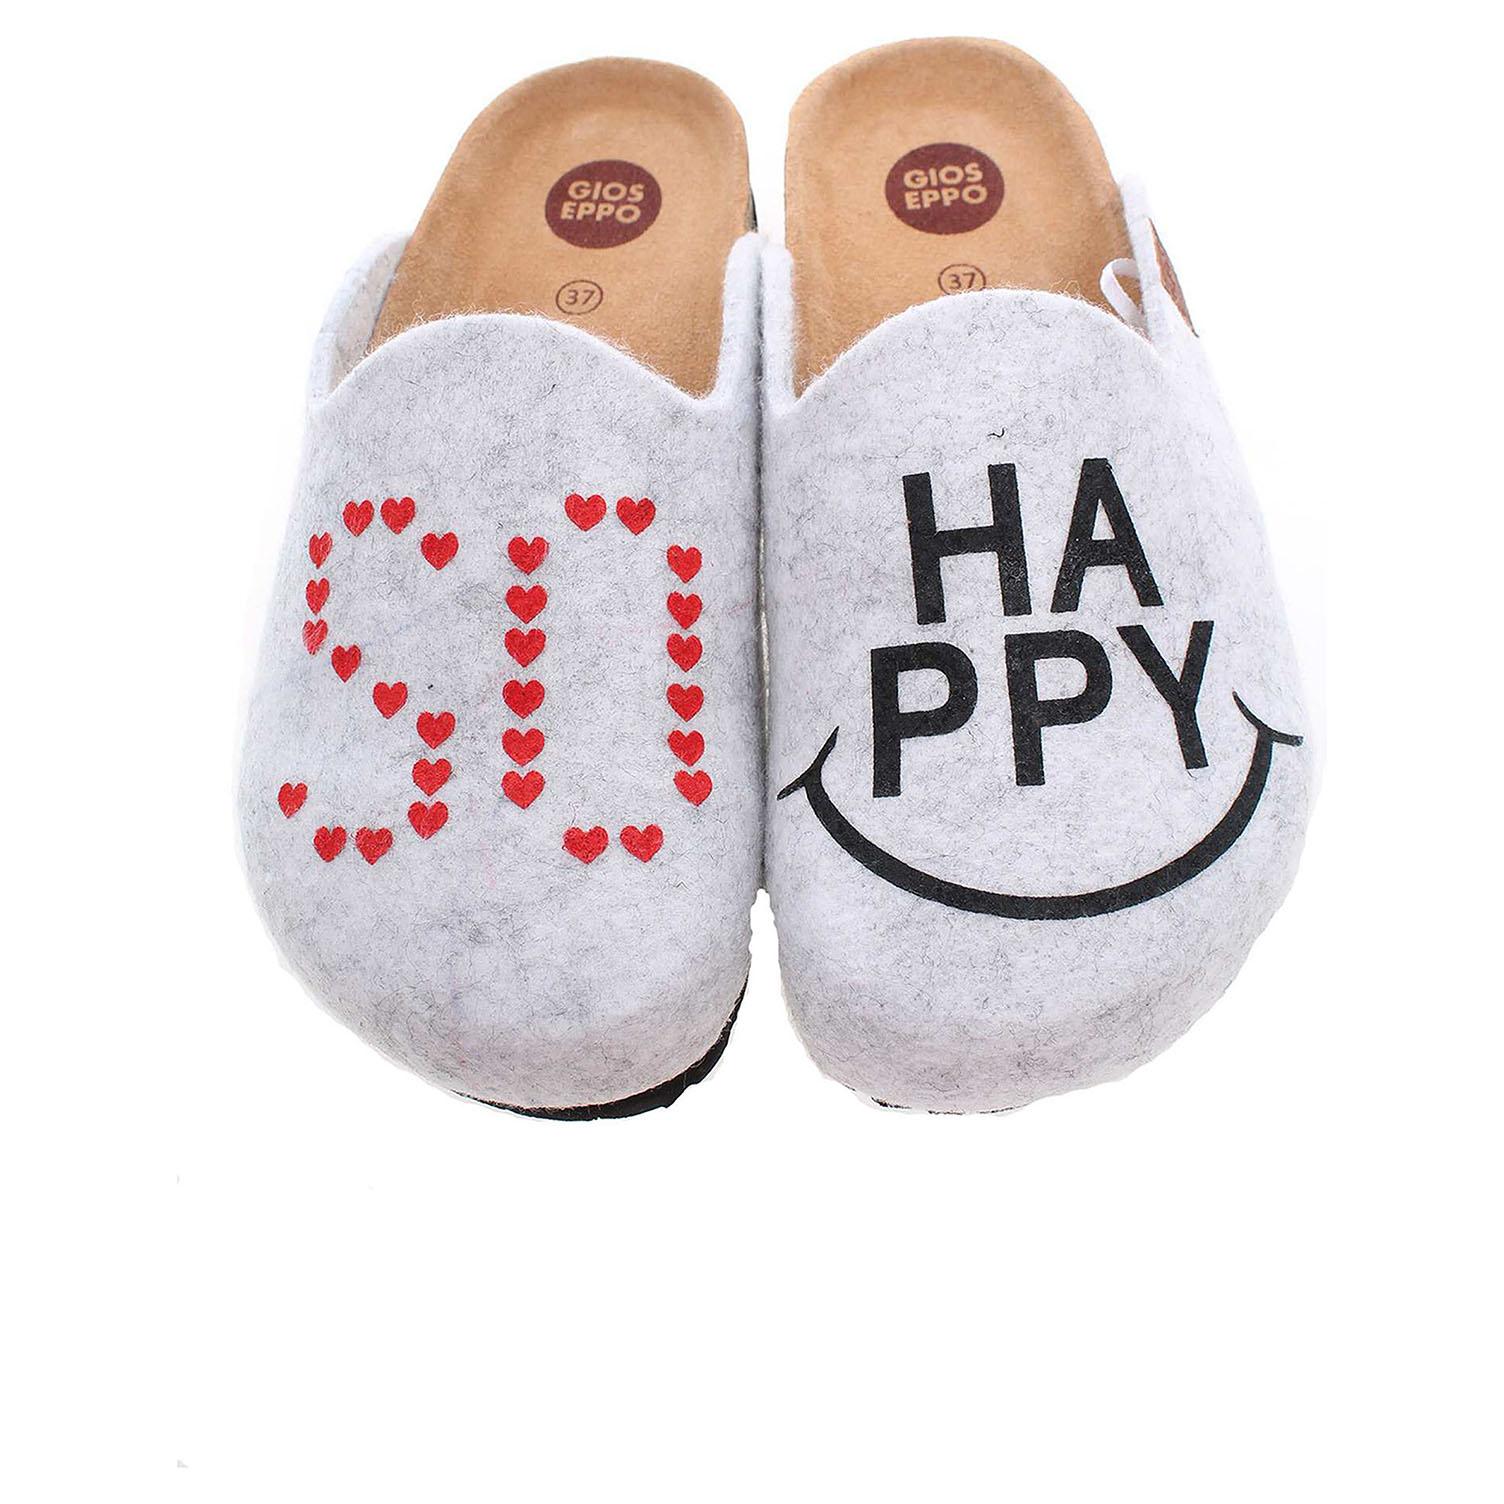 Gioseppo Cheery dámské domácí pantofle šedé 41